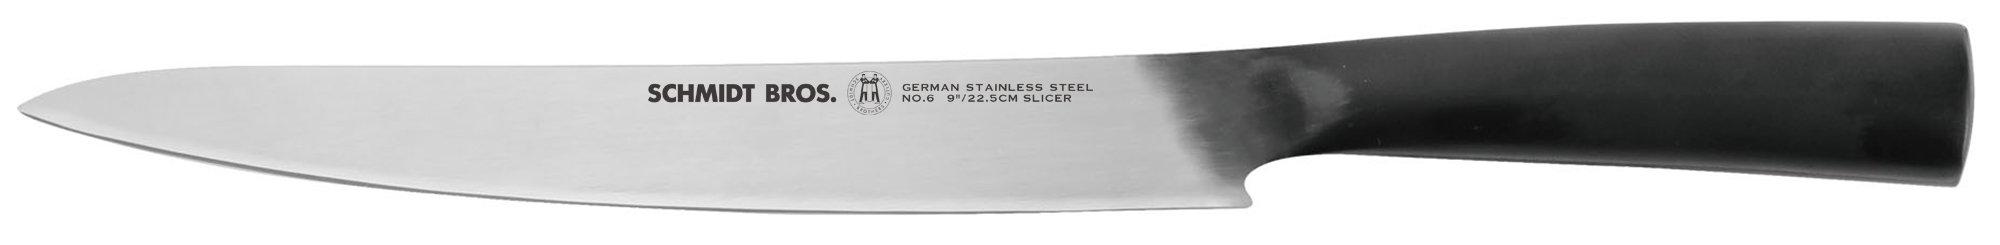 Hudson Home Schmidt Brothers Cutlery,#6 Carbon 9'' slicer,Black by Hudson Home